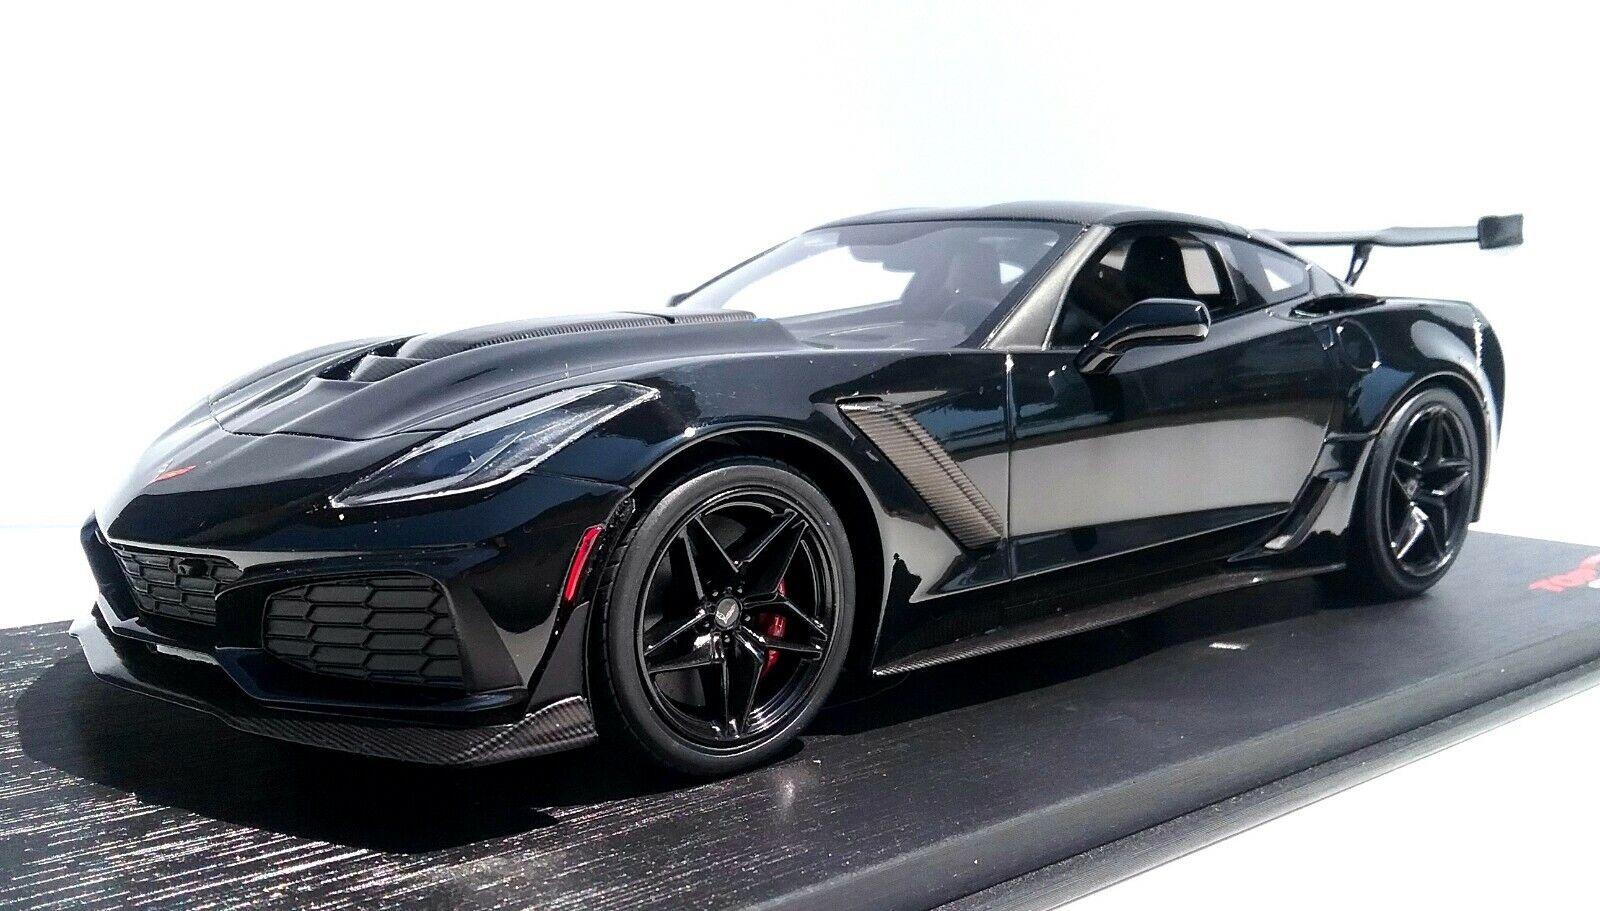 2019 Corvette ZR1 Sottile Alto Terminale Resina Modello in 1 18 Scala Nero Ltd